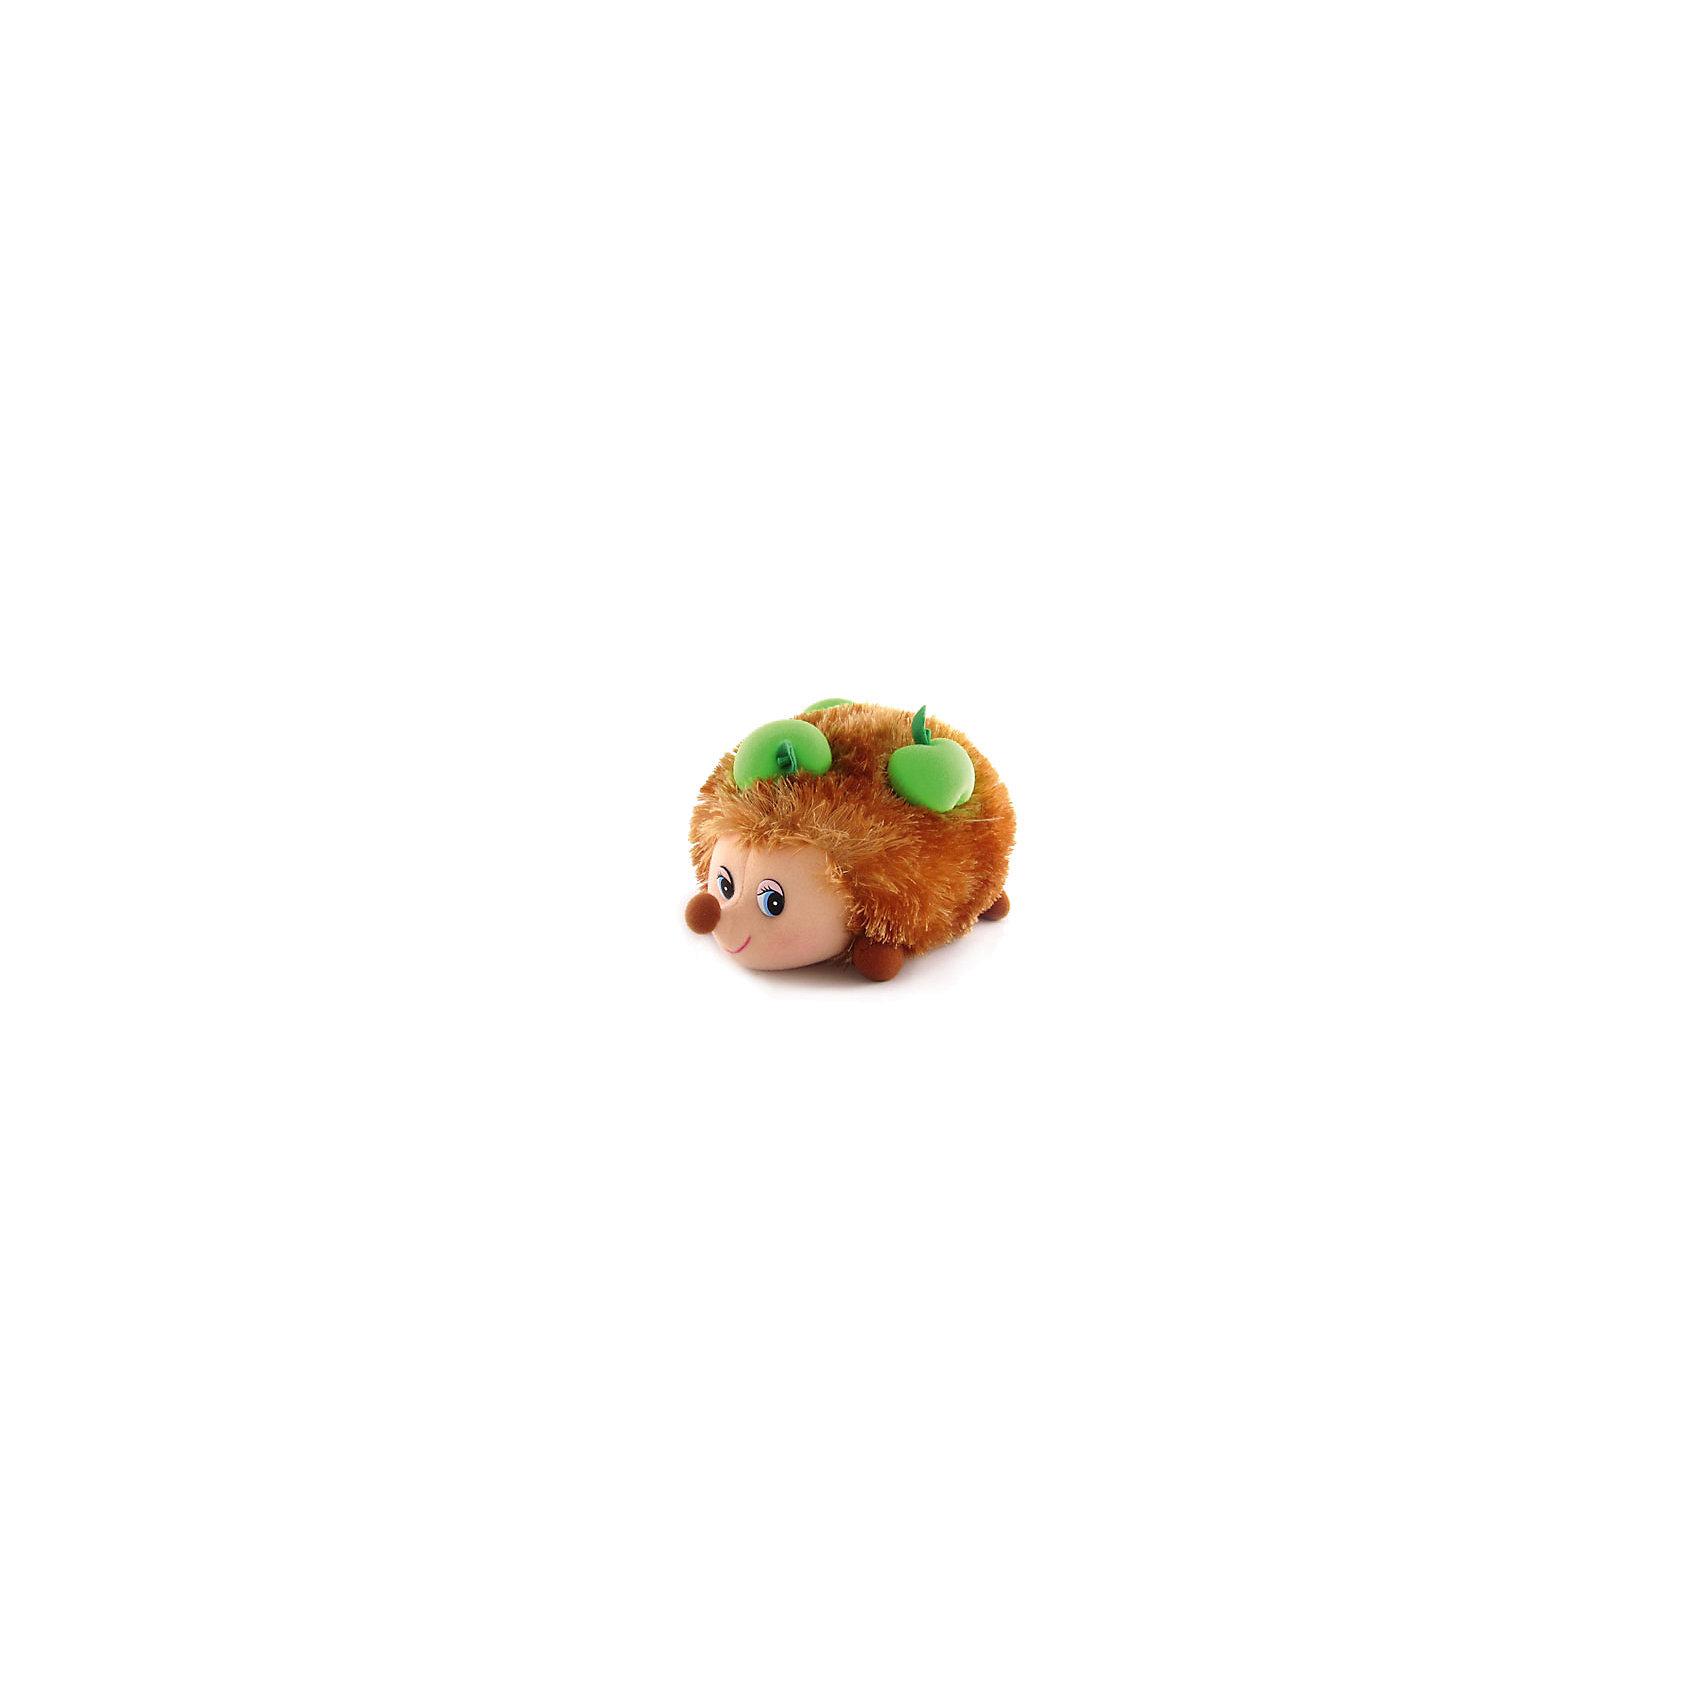 Ёжик с яблоками, музыкальный, 27 см., LAVAМягкий очаровательный ёжик споет малышам песенку и подарит хорошее настроение! Игрушка выполнена из высококачественного гипоаллергенного материала, очень приятна на ощупь, абсолютно безопасна для детей.  <br><br>Дополнительная информация:<br><br>- Материал: искусственный мех ,текстиль, синтепон, пластик.<br>- Высота: 27 см. <br>- Поет песенку. <br>- Элемент питания: батарейка (в комплекте).<br><br>Ёжика с яблоками, музыкального, 27 см., LAVA (ЛАВА) можно купить в нашем магазине.<br><br>Ширина мм: 150<br>Глубина мм: 150<br>Высота мм: 270<br>Вес г: 174<br>Возраст от месяцев: 36<br>Возраст до месяцев: 1188<br>Пол: Унисекс<br>Возраст: Детский<br>SKU: 4444199